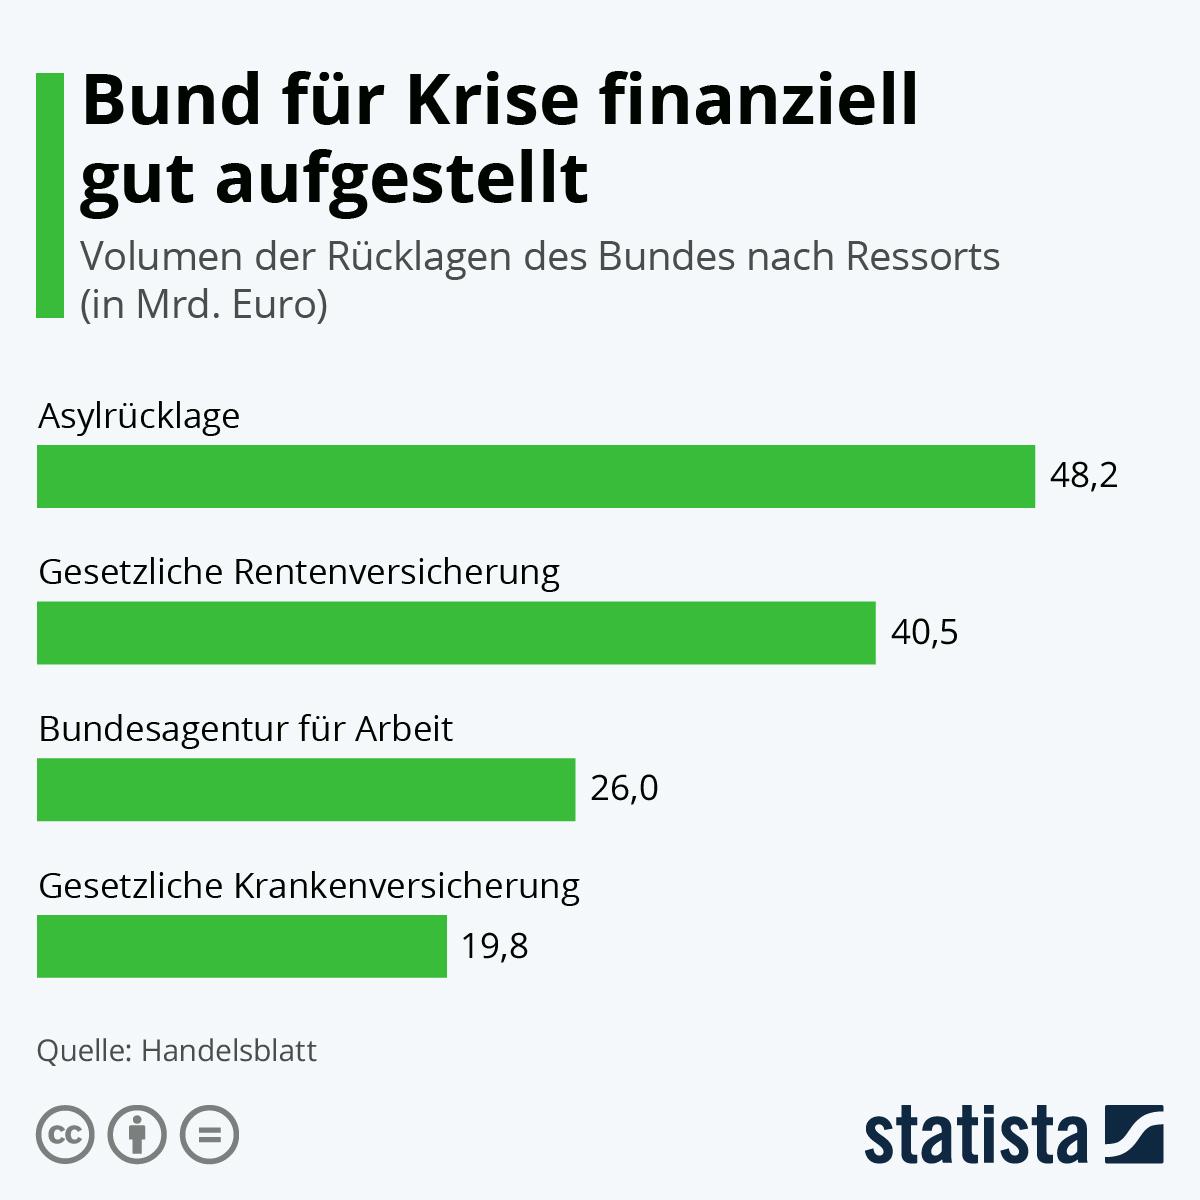 Infografik: Bund für Krise finanziell gut aufgestellt | Statista